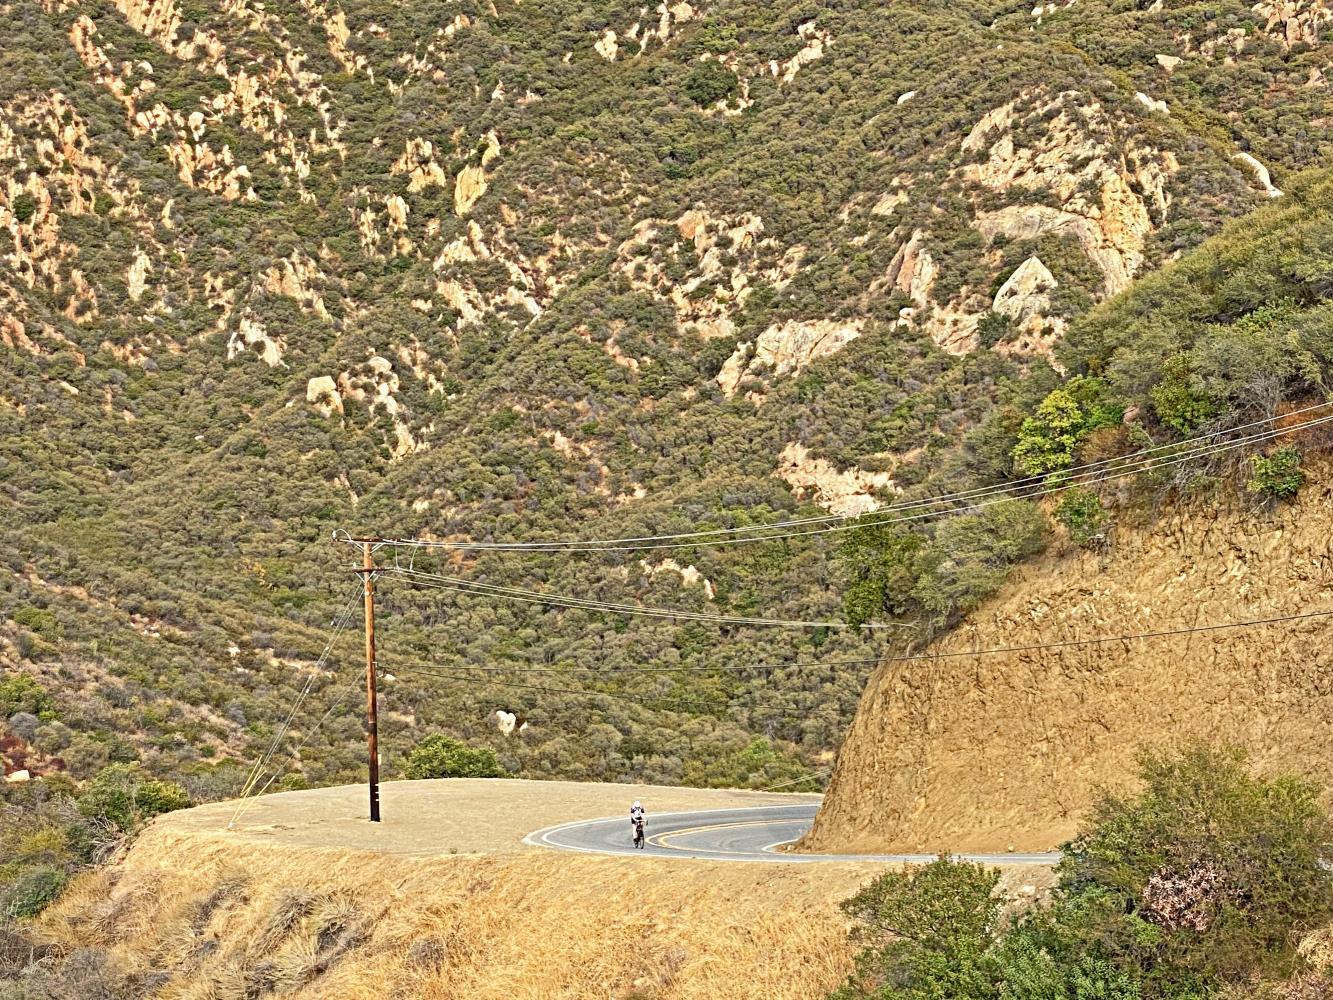 Stunt Road Bike Climb - PJAMM Cycling